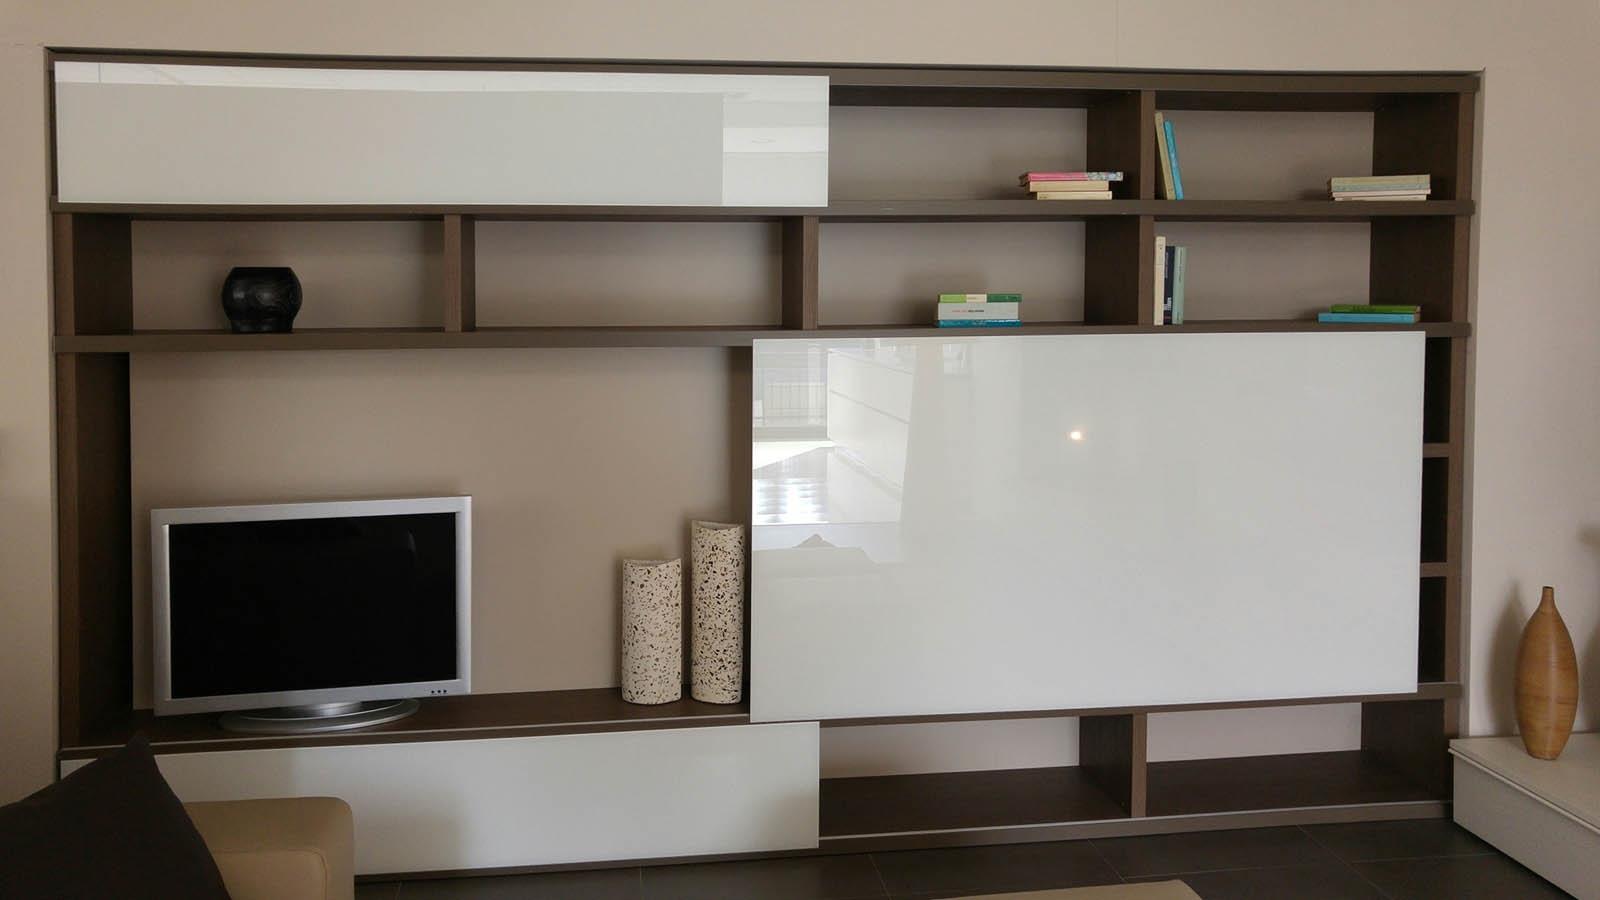 Arredamento librerie moderne tra le librerie ikea pi - Libreria con ante ikea ...